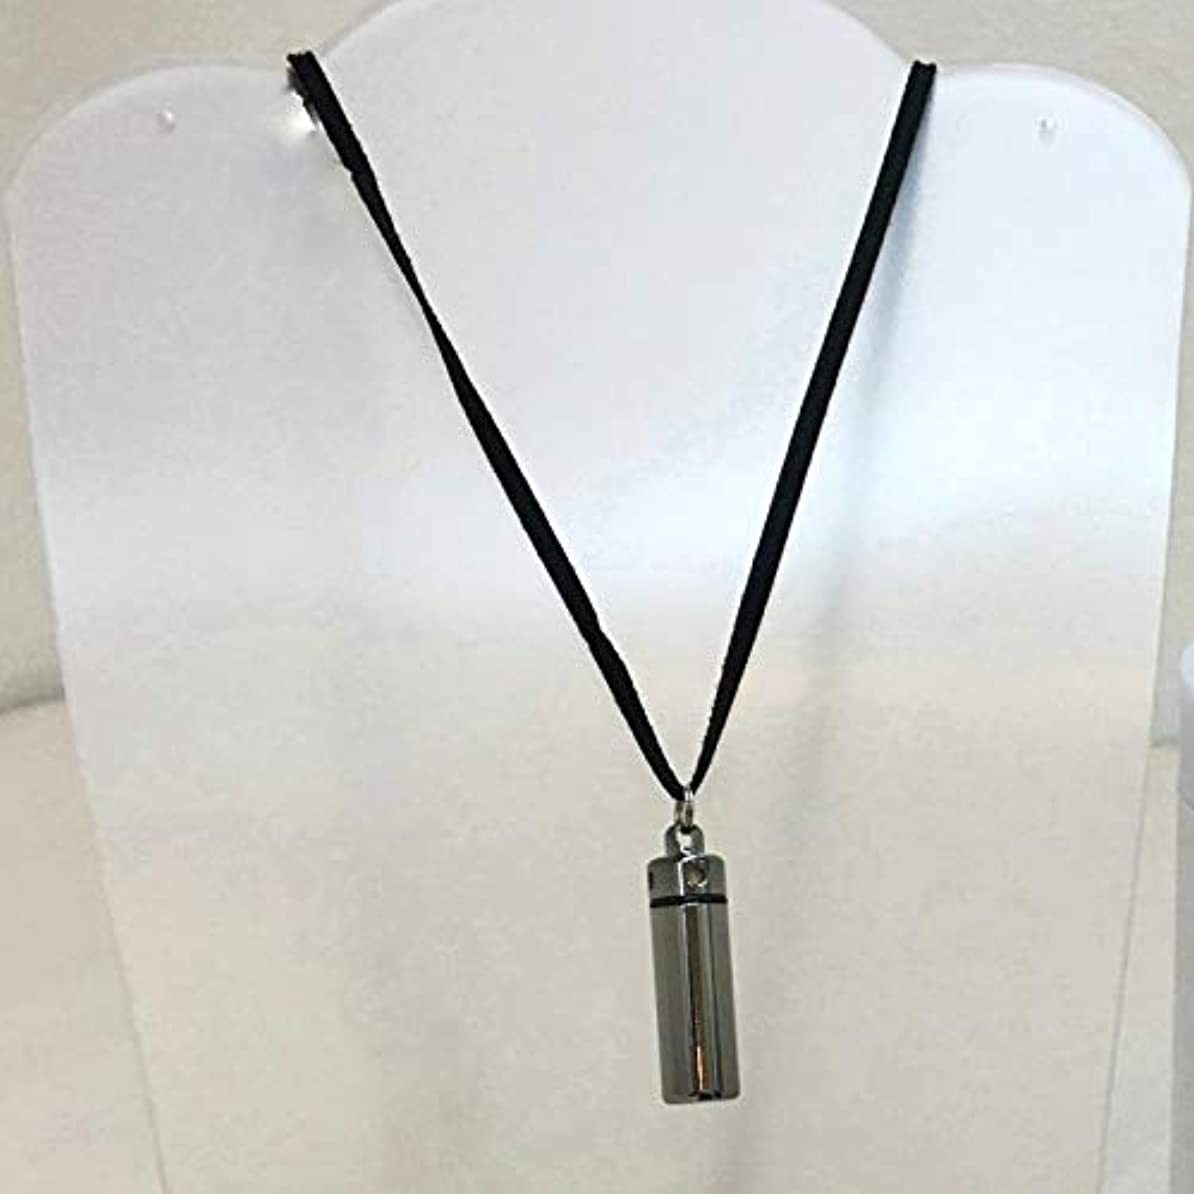 磁器クラウド杖鳥取大学発ベンチャー企業開発商品 リ?ブレインアロマペンダント チタン製 ひもブラック